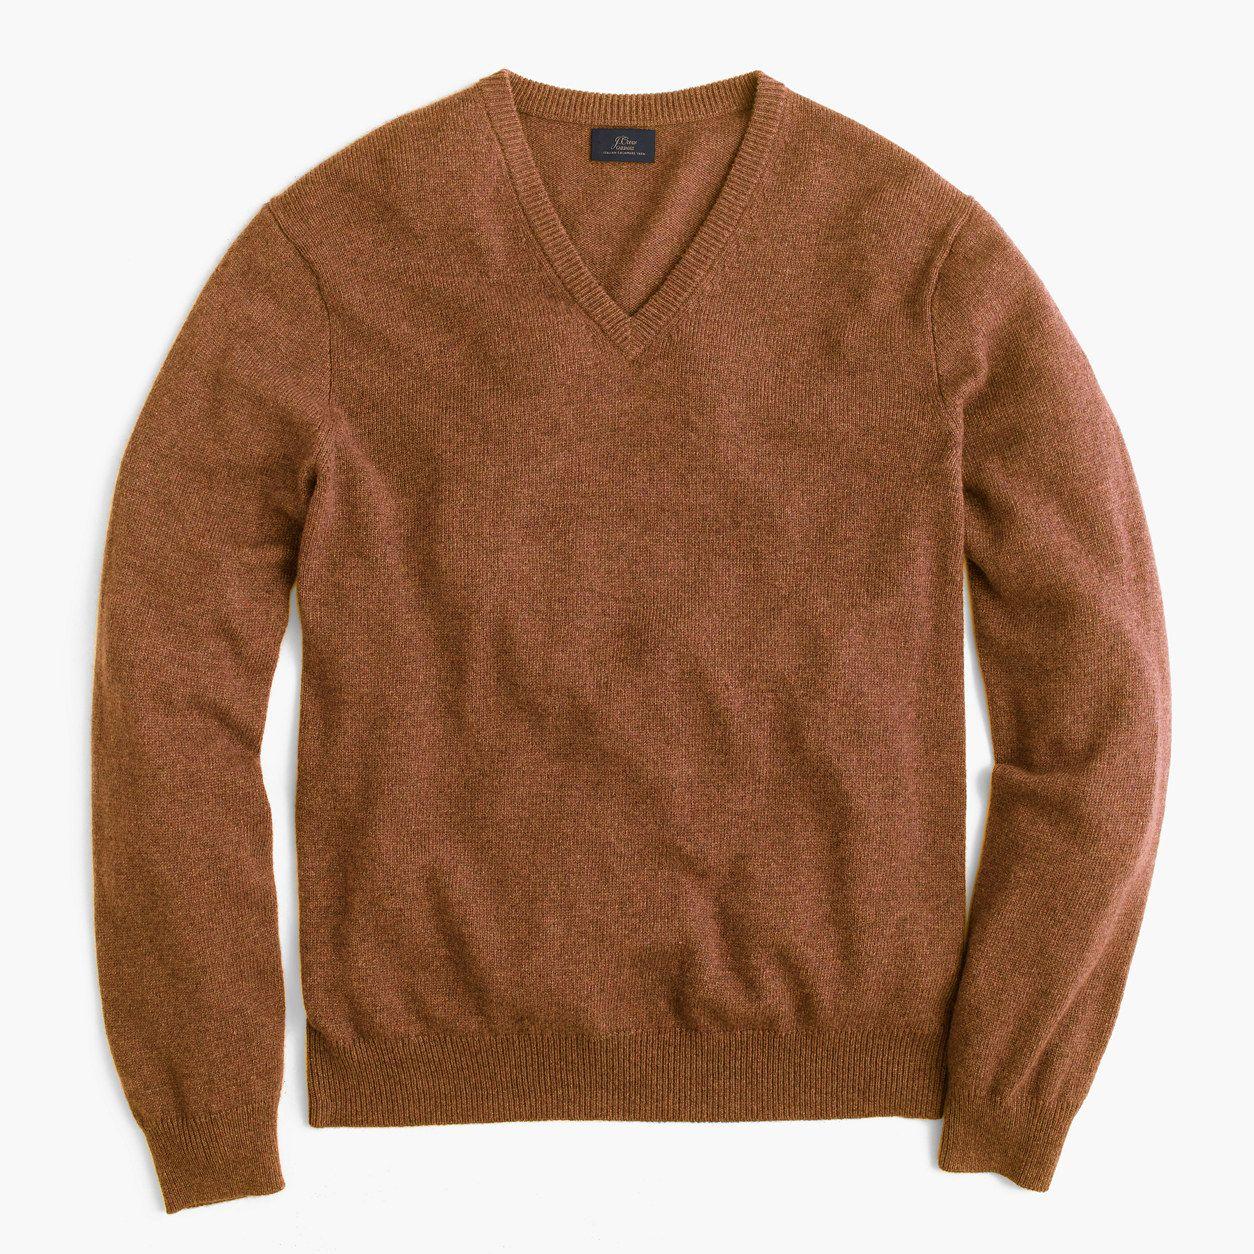 80f8ddc91d3 J.Crew Mens Tall Italian Cashmere V-Neck Sweater (Size L Tall ...